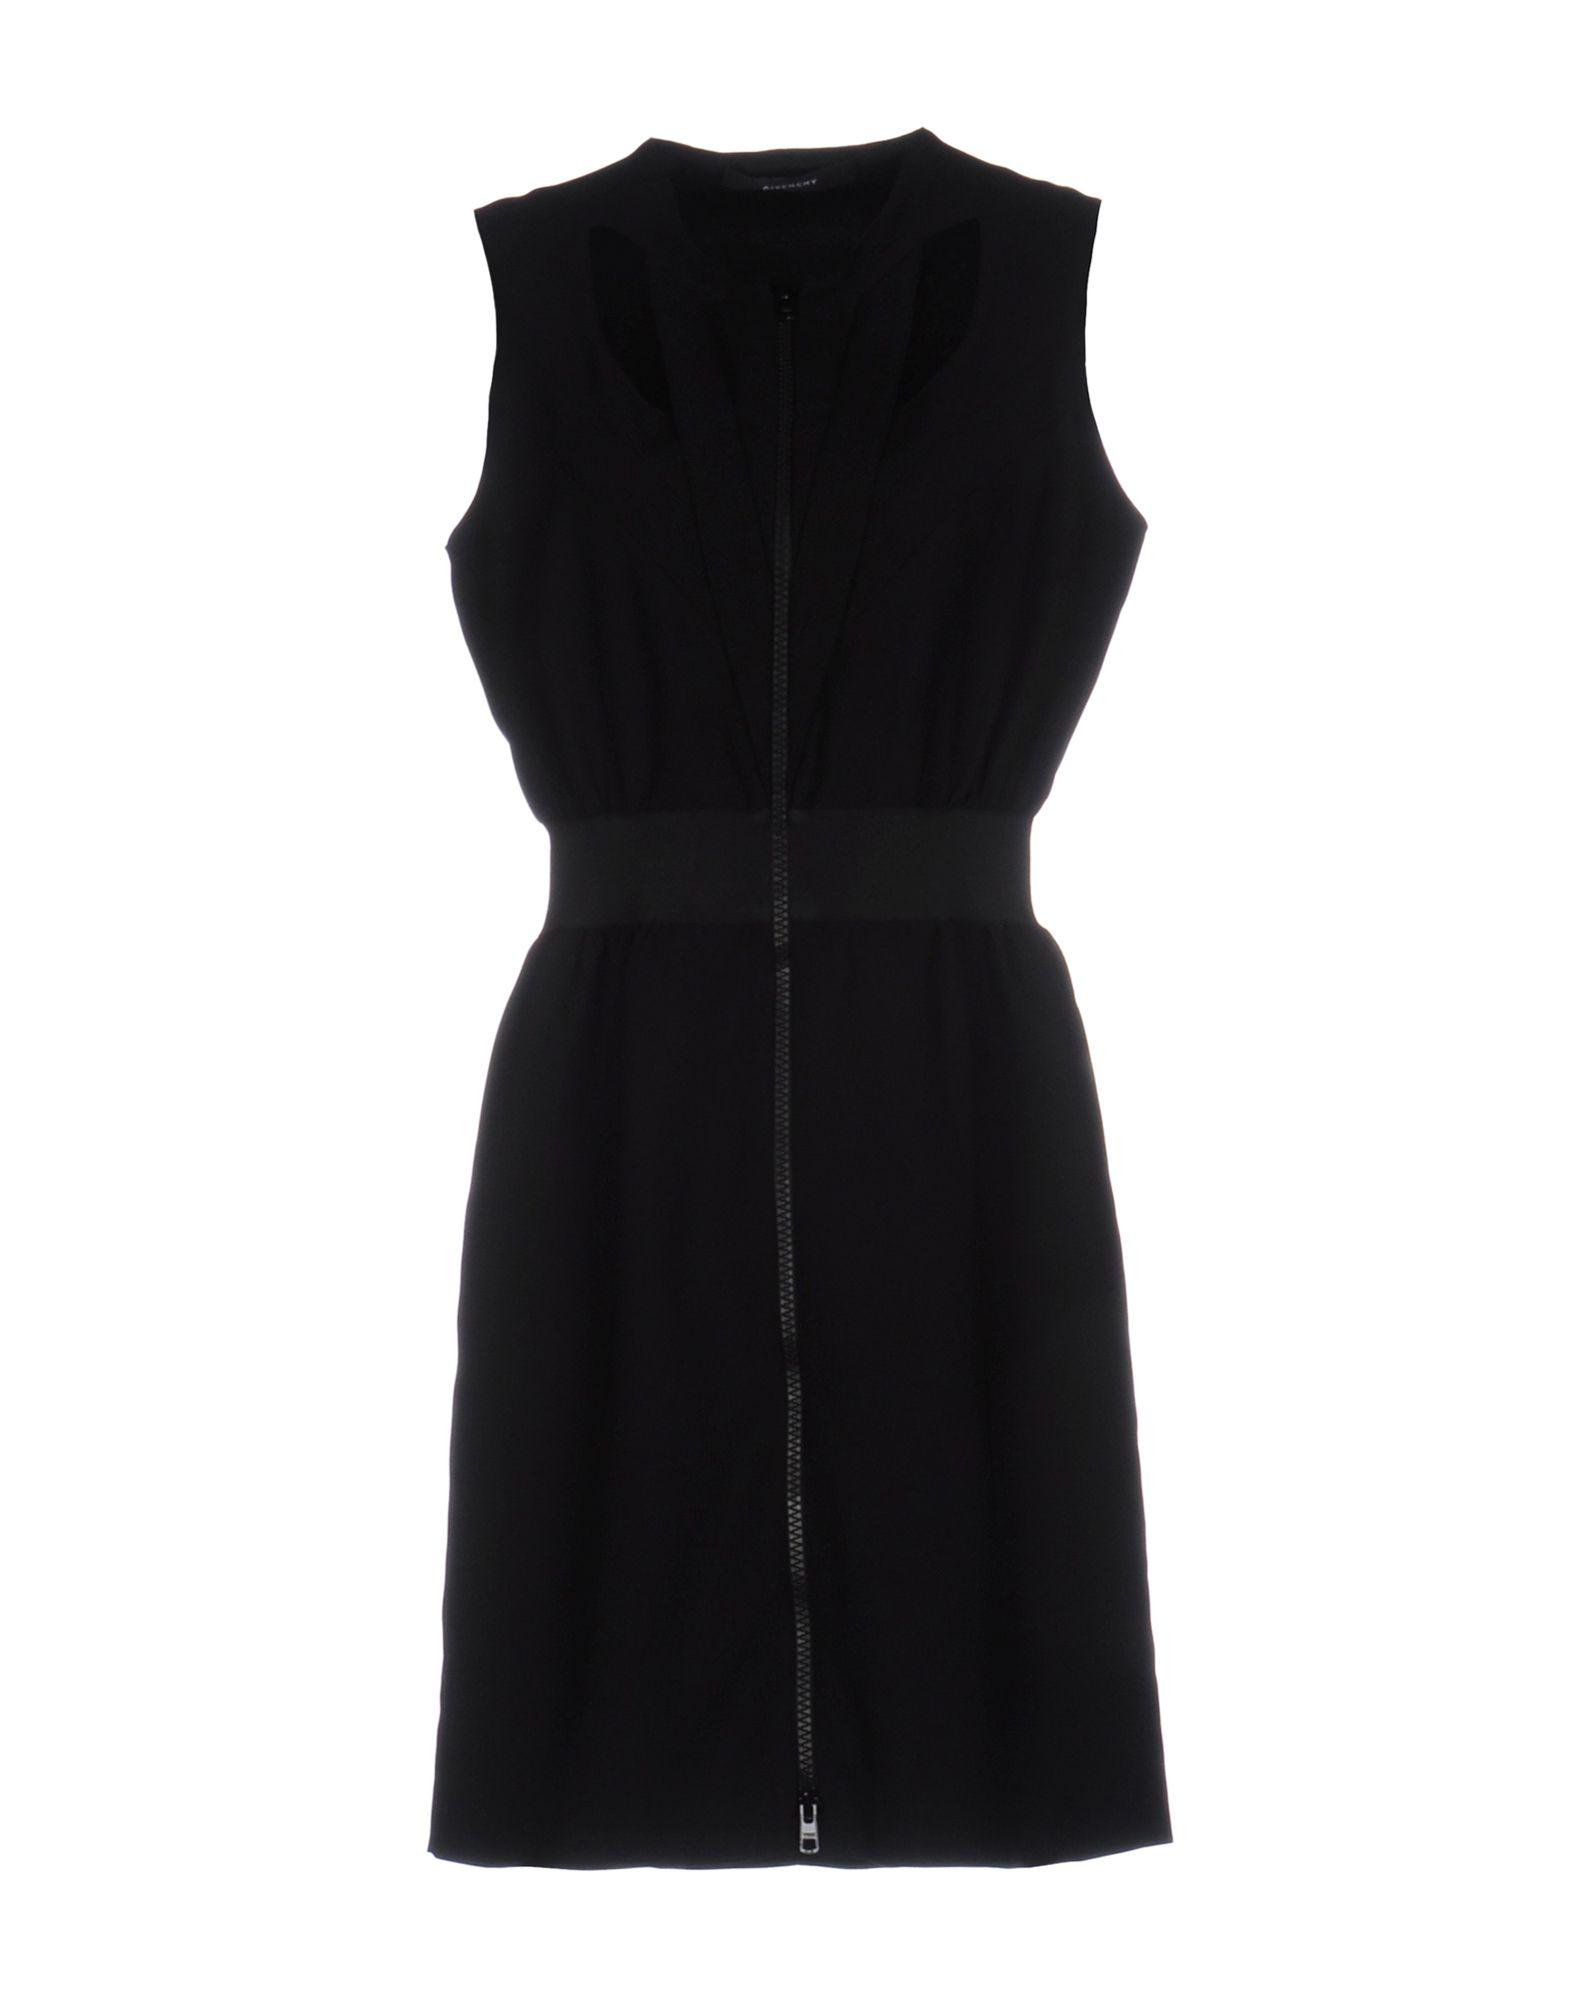 GIVENCHY Damen Kurzes Kleid Farbe Schwarz Größe 7